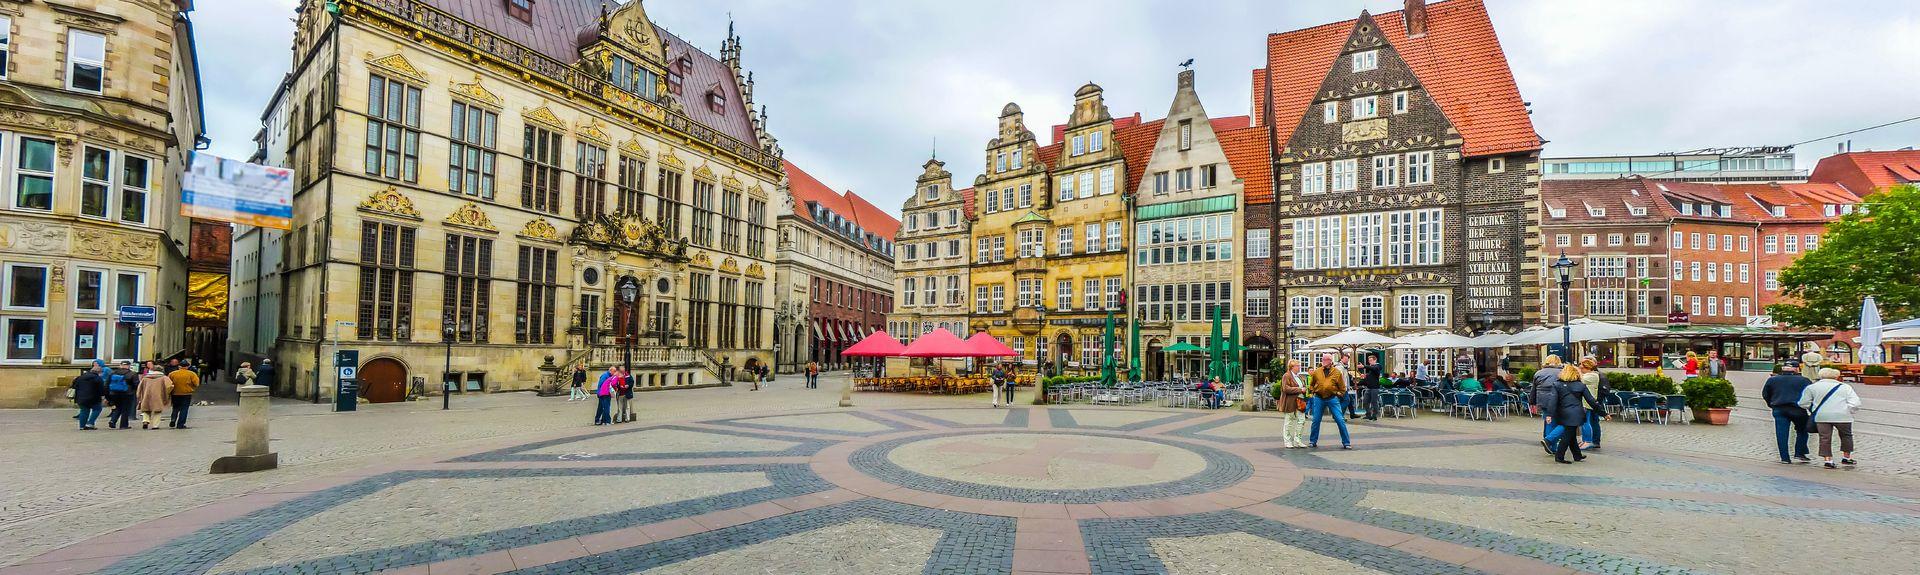 Μπρέμεν, Γερμανία